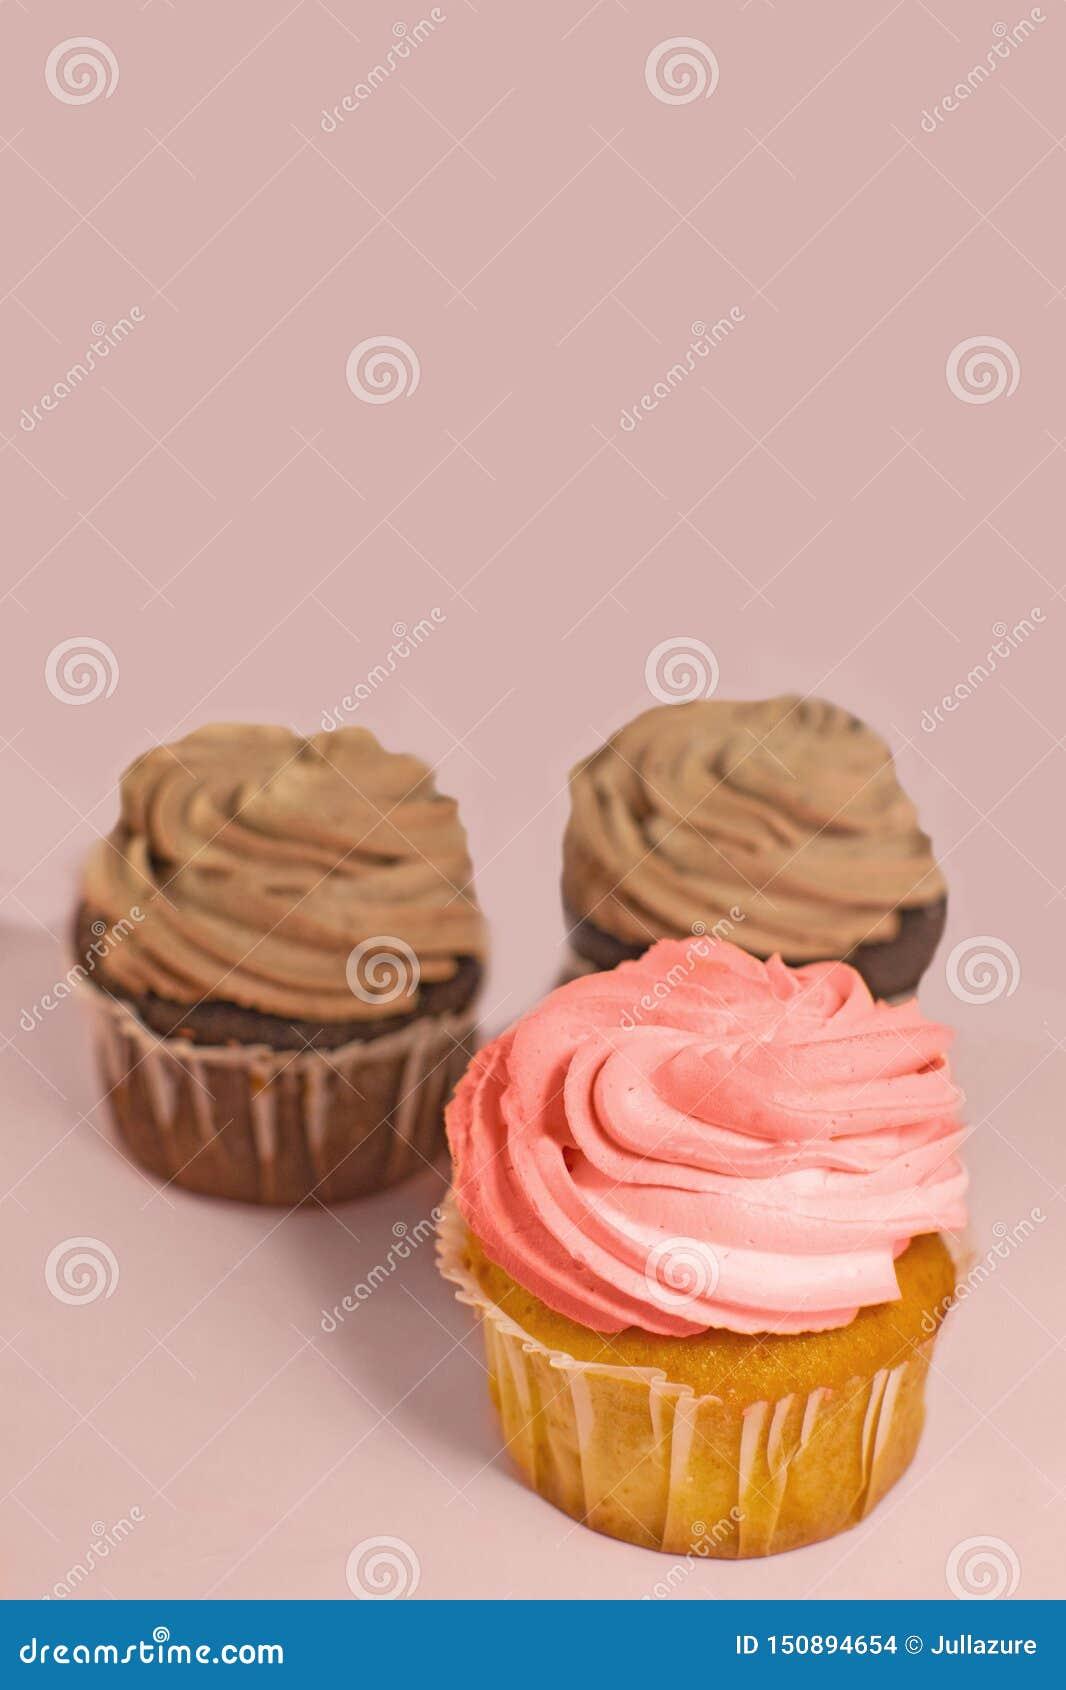 Petit Gateau Rose Fait Maison De Fraise Et De Chocolat Avec De La Creme De Beurre Photo Stock Image Du Petit Beurre 150894654